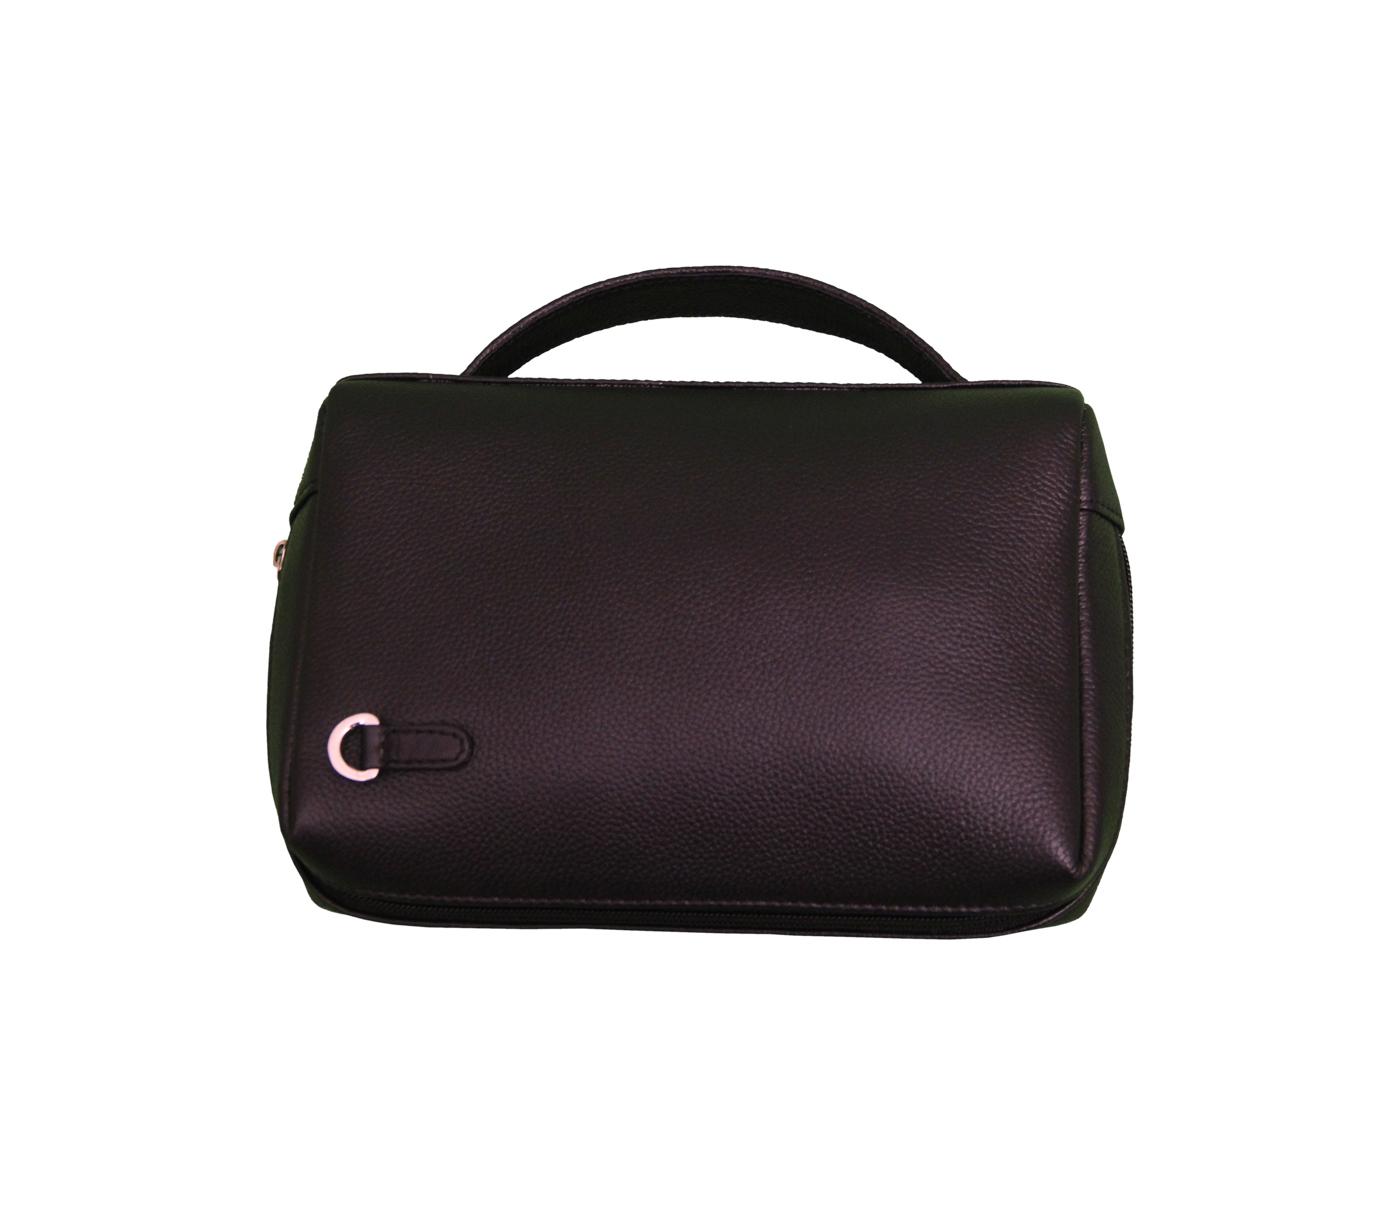 P21-Hayden-Men's bag cum travel pouch in Genuine Leather - Brown.